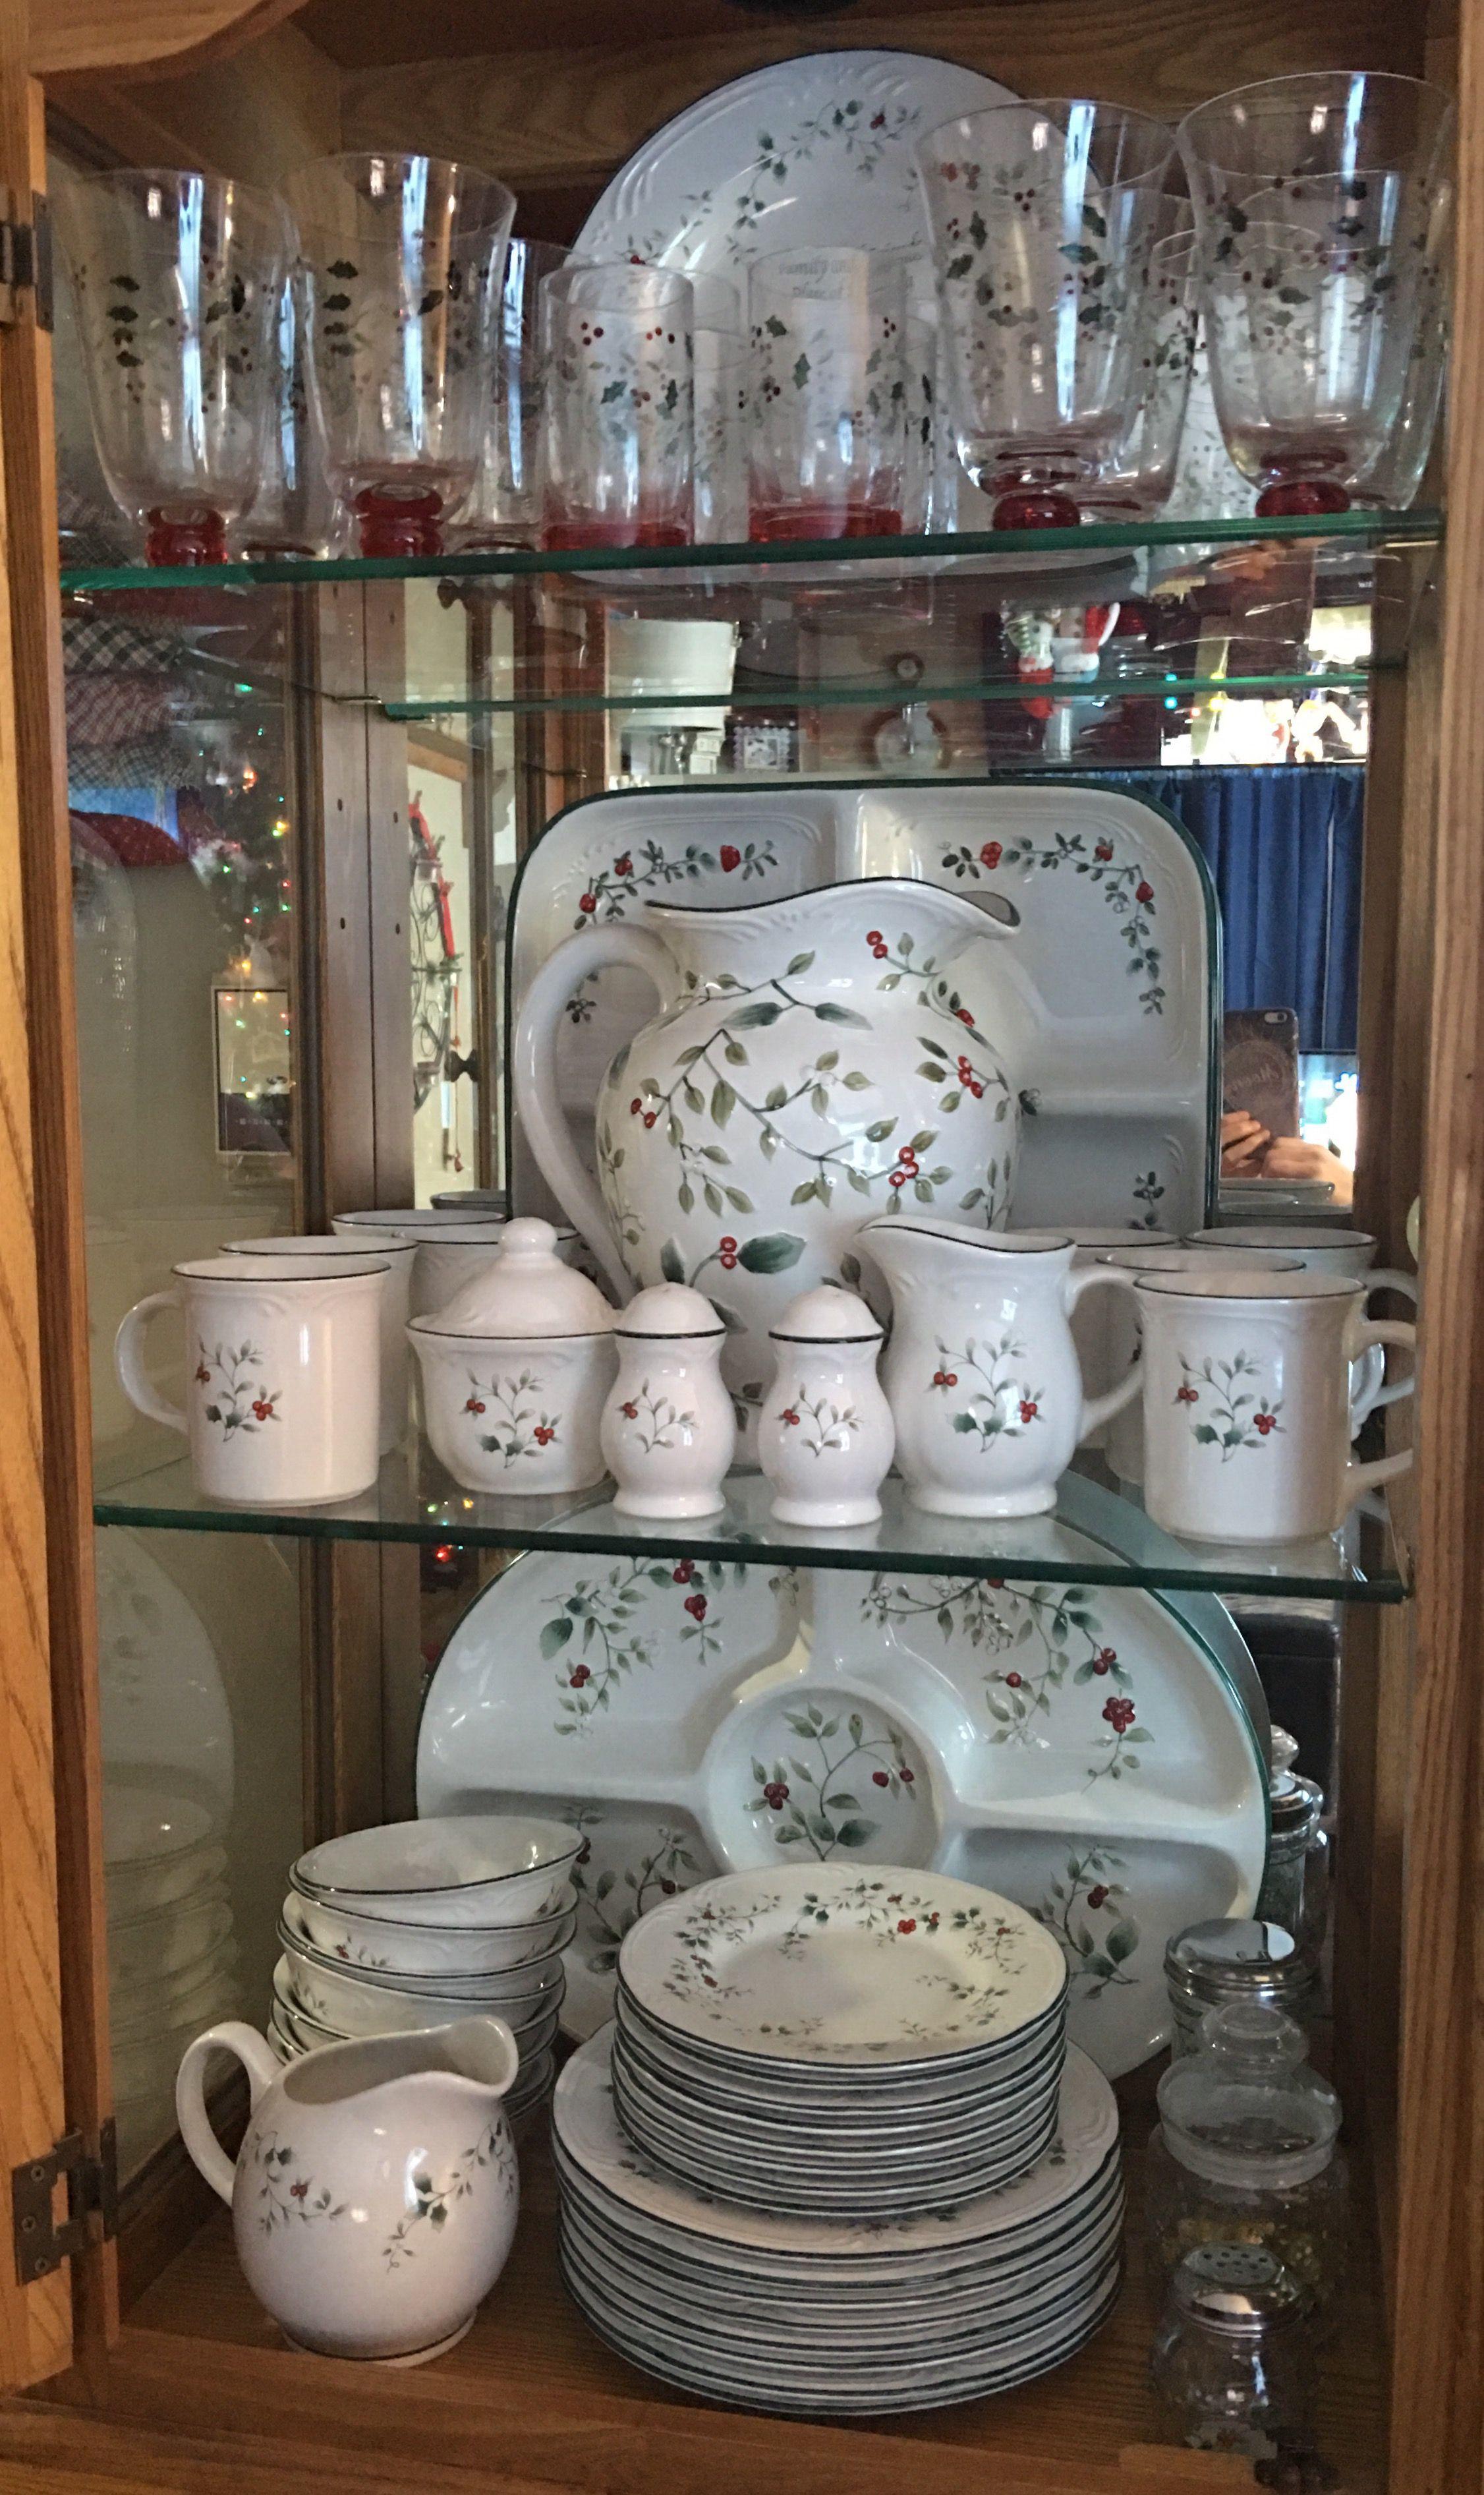 Pfaltzgraff Winterberry dinnerware. & Pfaltzgraff Winterberry dinnerware.   Christmas   Pinterest ...